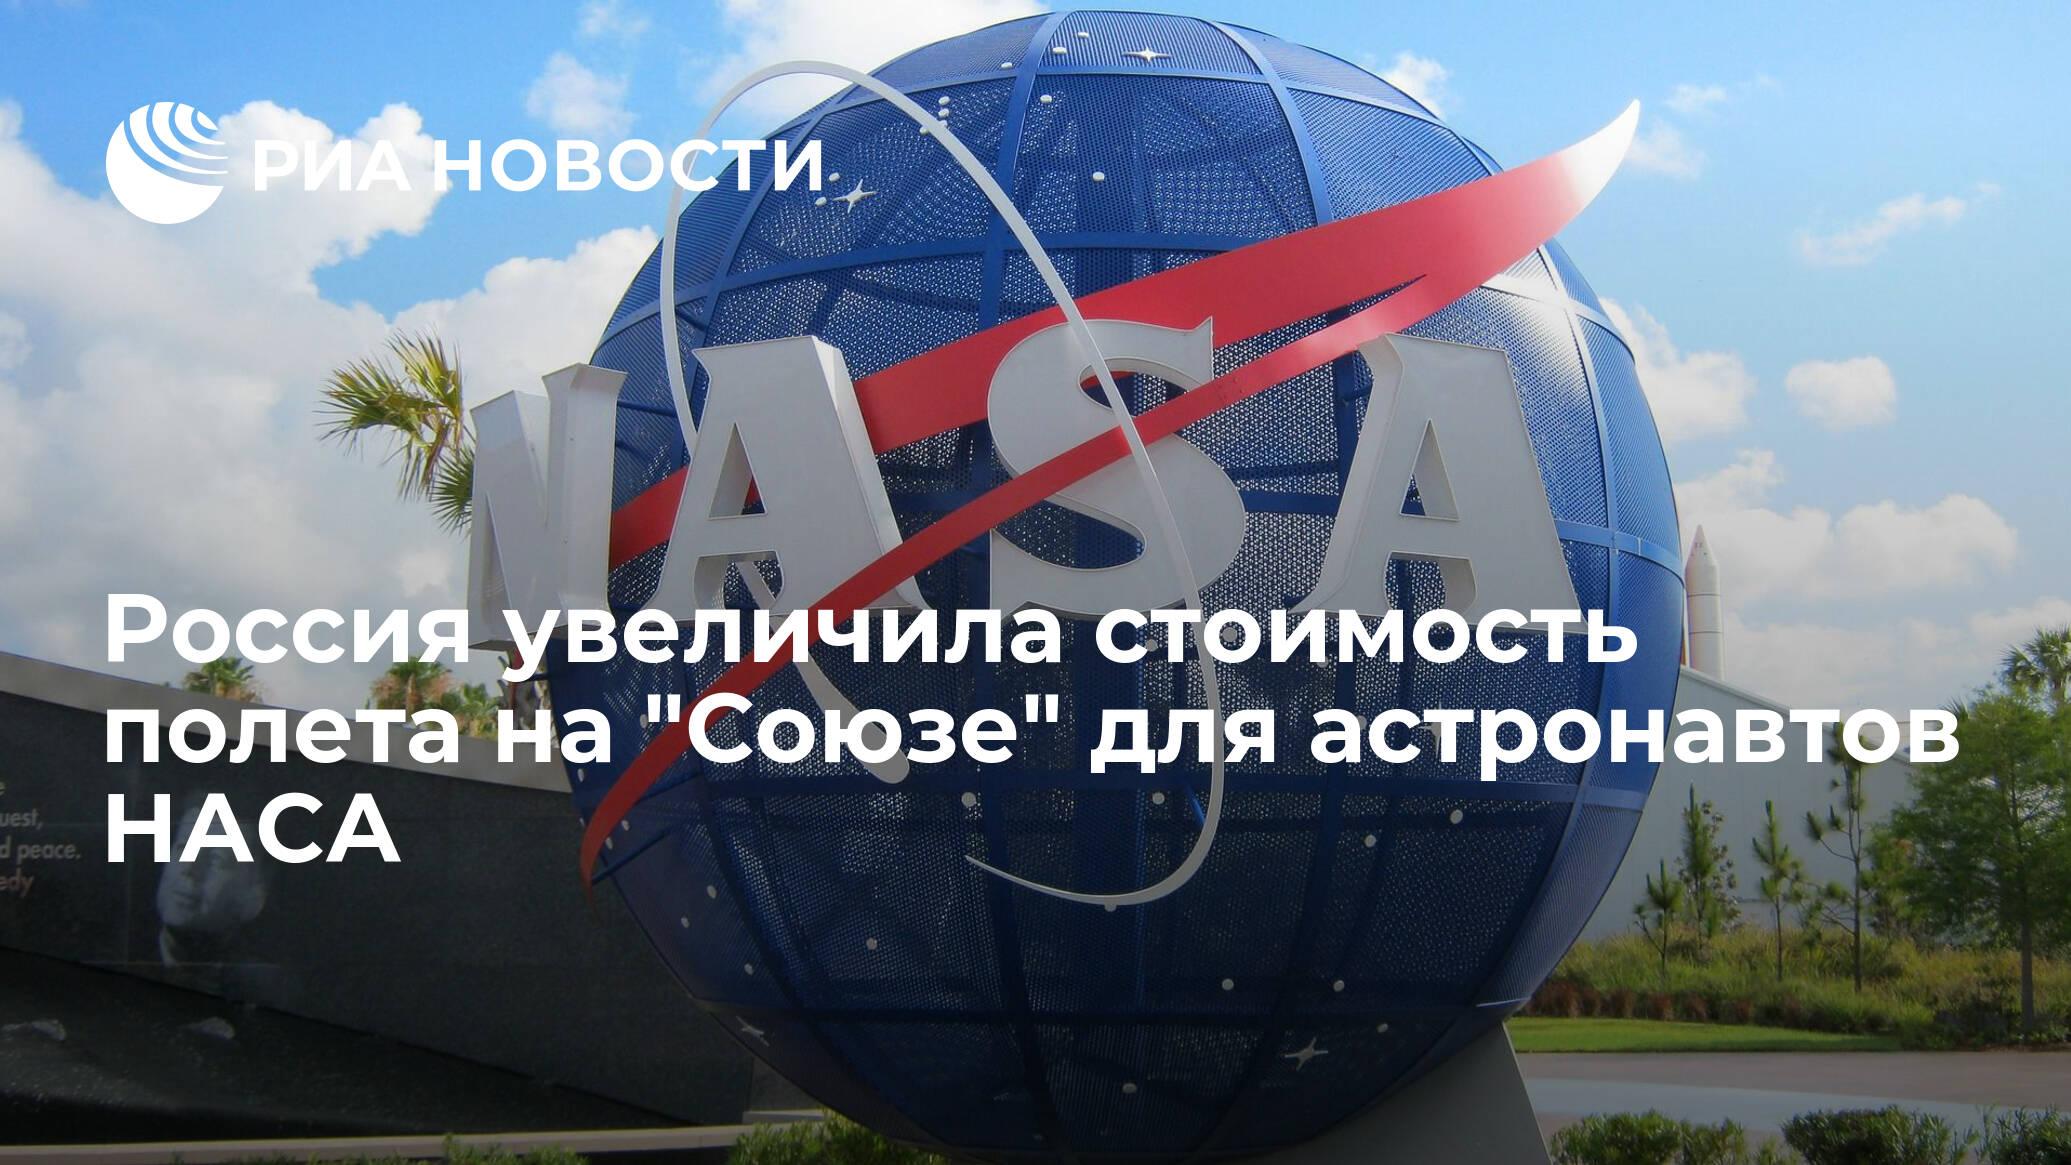 """Россия увеличила стоимость полета на """"Союзе"""" для астронавтов НАСА - РИА Новости, 24.06.2019"""